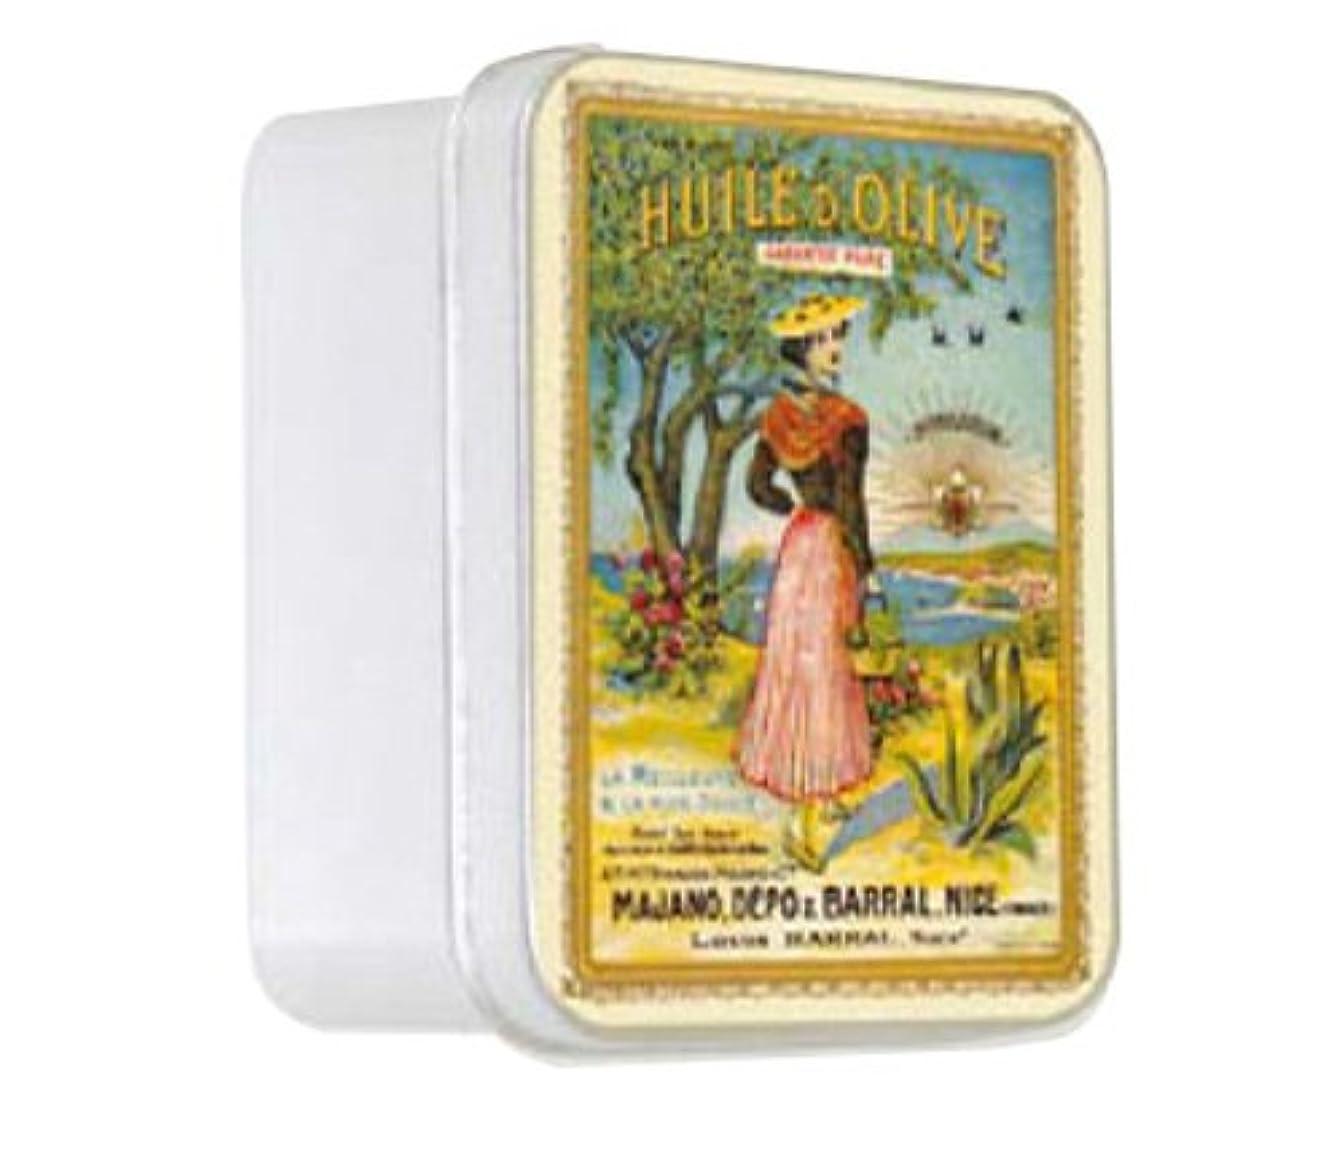 古風なに応じてしがみつくルブランソープ メタルボックス(ラ ニソワーズ?オリーブの香り)石鹸